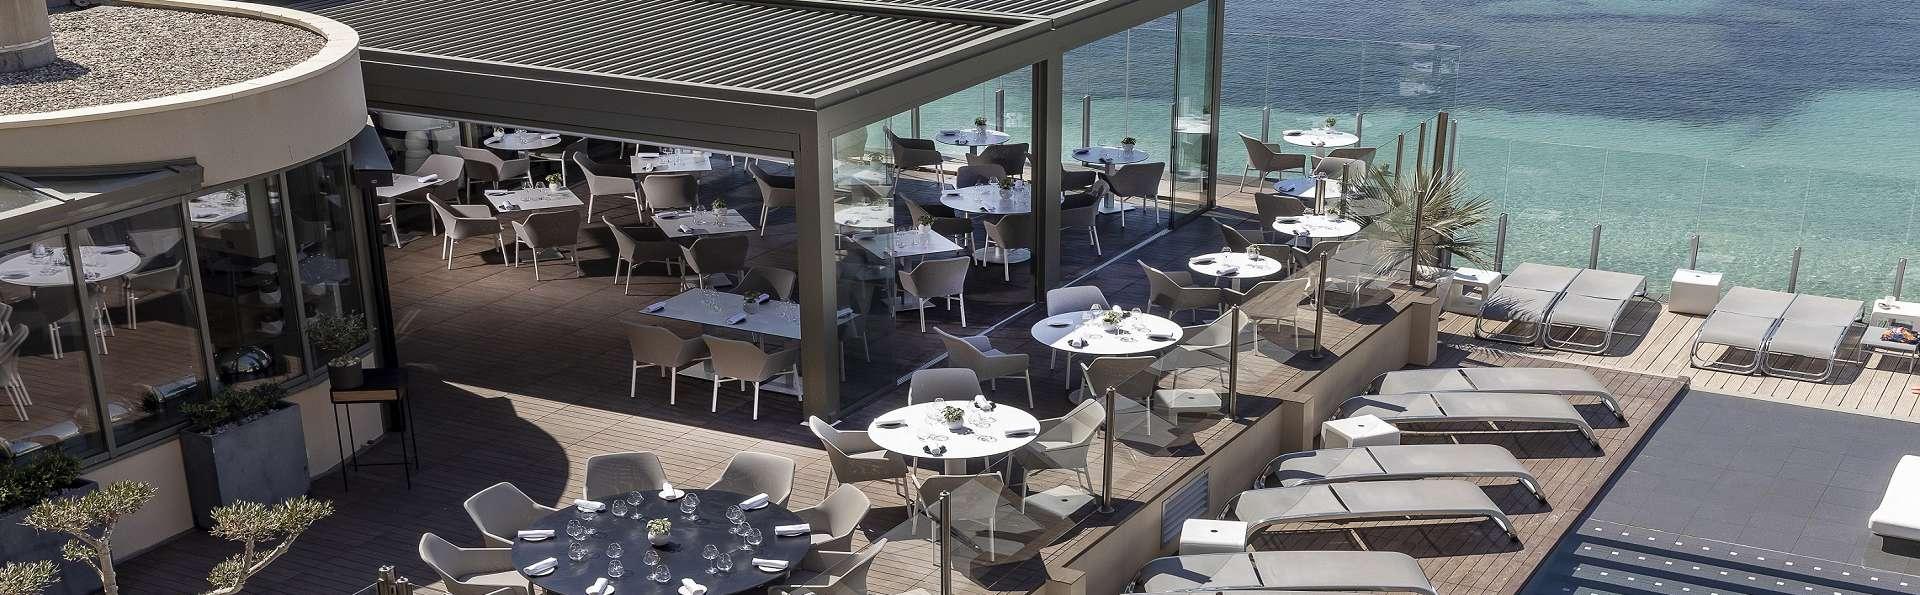 Hôtel Île Rousse & Spa by Thalazur - Terrasse_Les_Oliviers_vue_panoramique.jpg